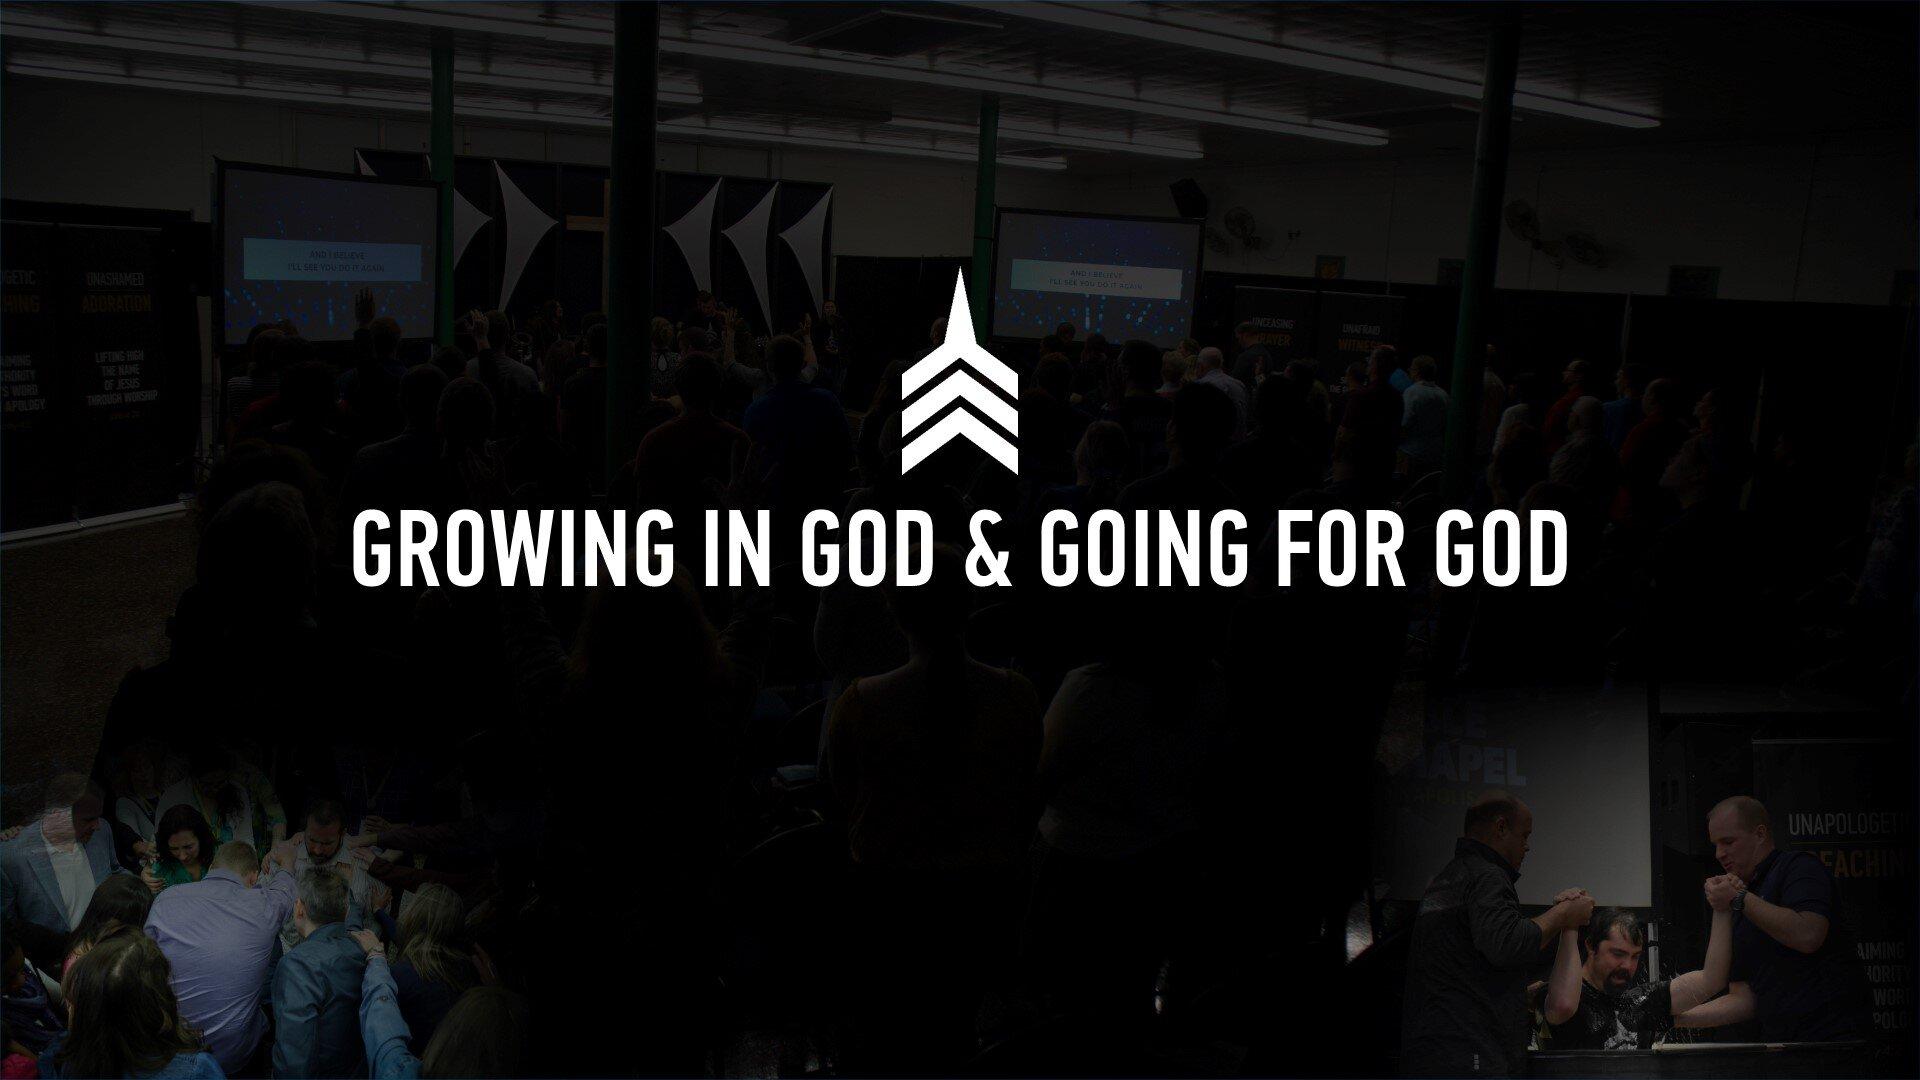 20190915 GROWING IN GOD & GOING FOR GOD.JPG